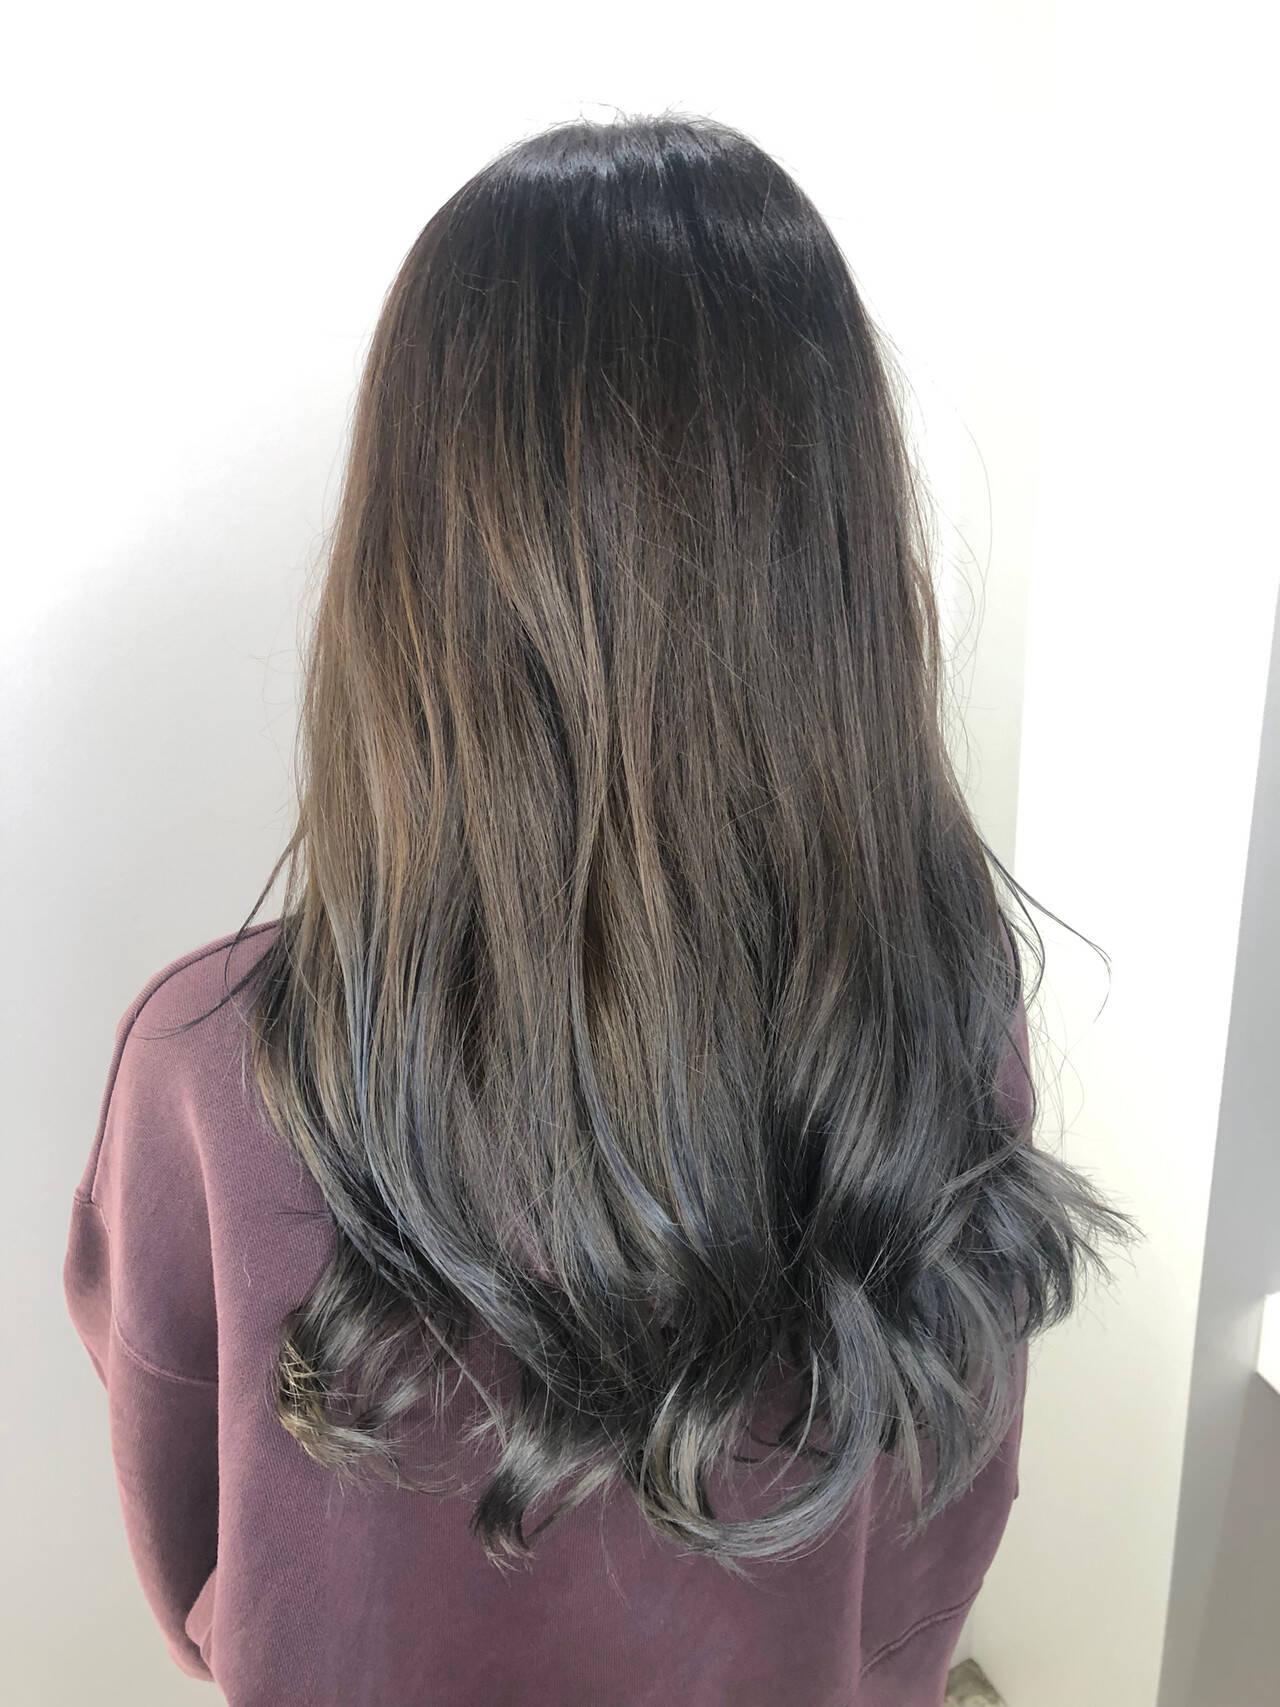 バレイヤージュ セミロング イルミナカラー ナチュラルヘアスタイルや髪型の写真・画像